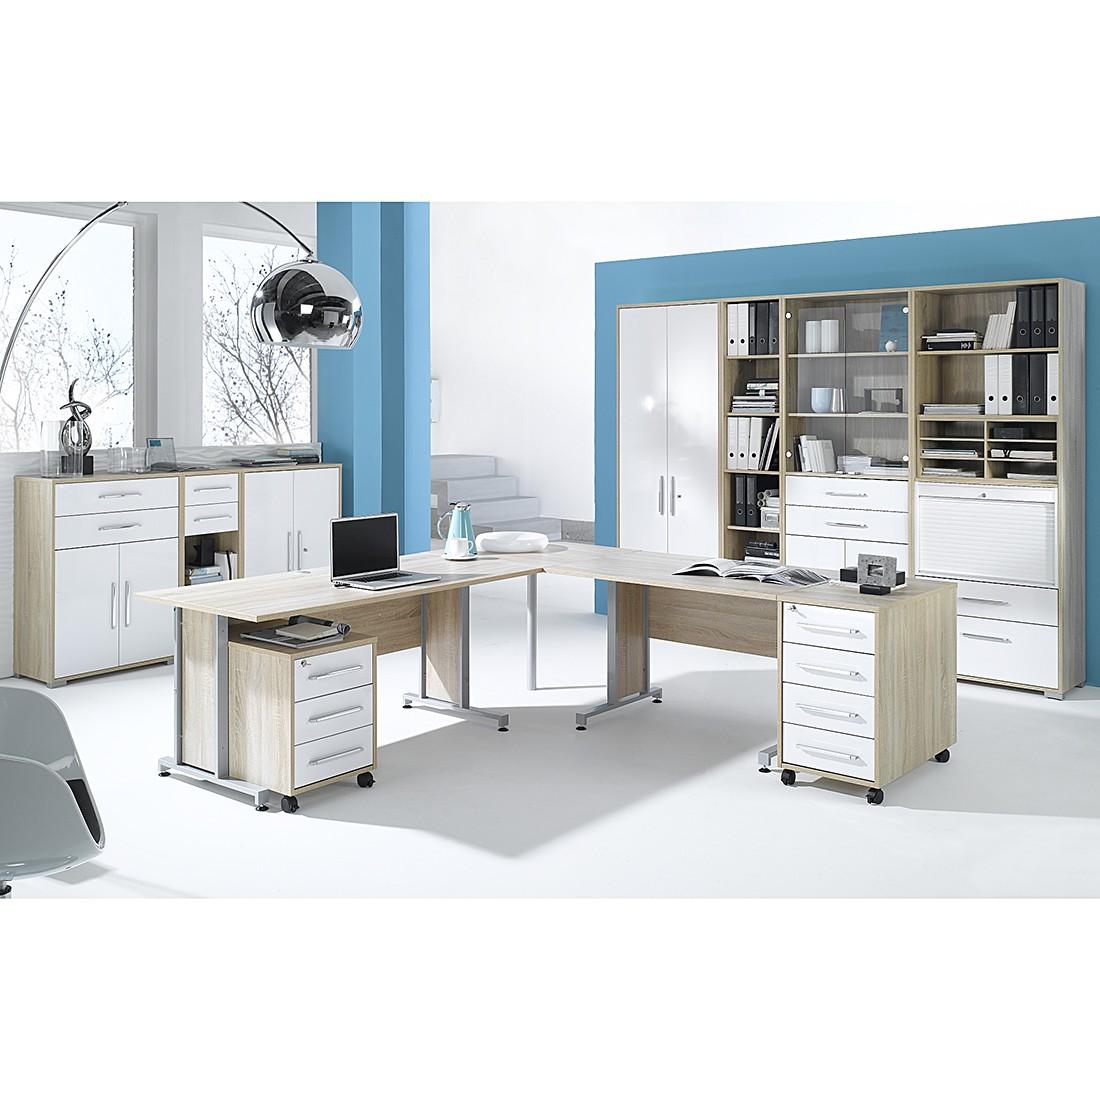 Home 24 - Combinaison de bureau merit vii (12 éléments) - imitation chêne de sonoma / blanc brillant, maja möbel